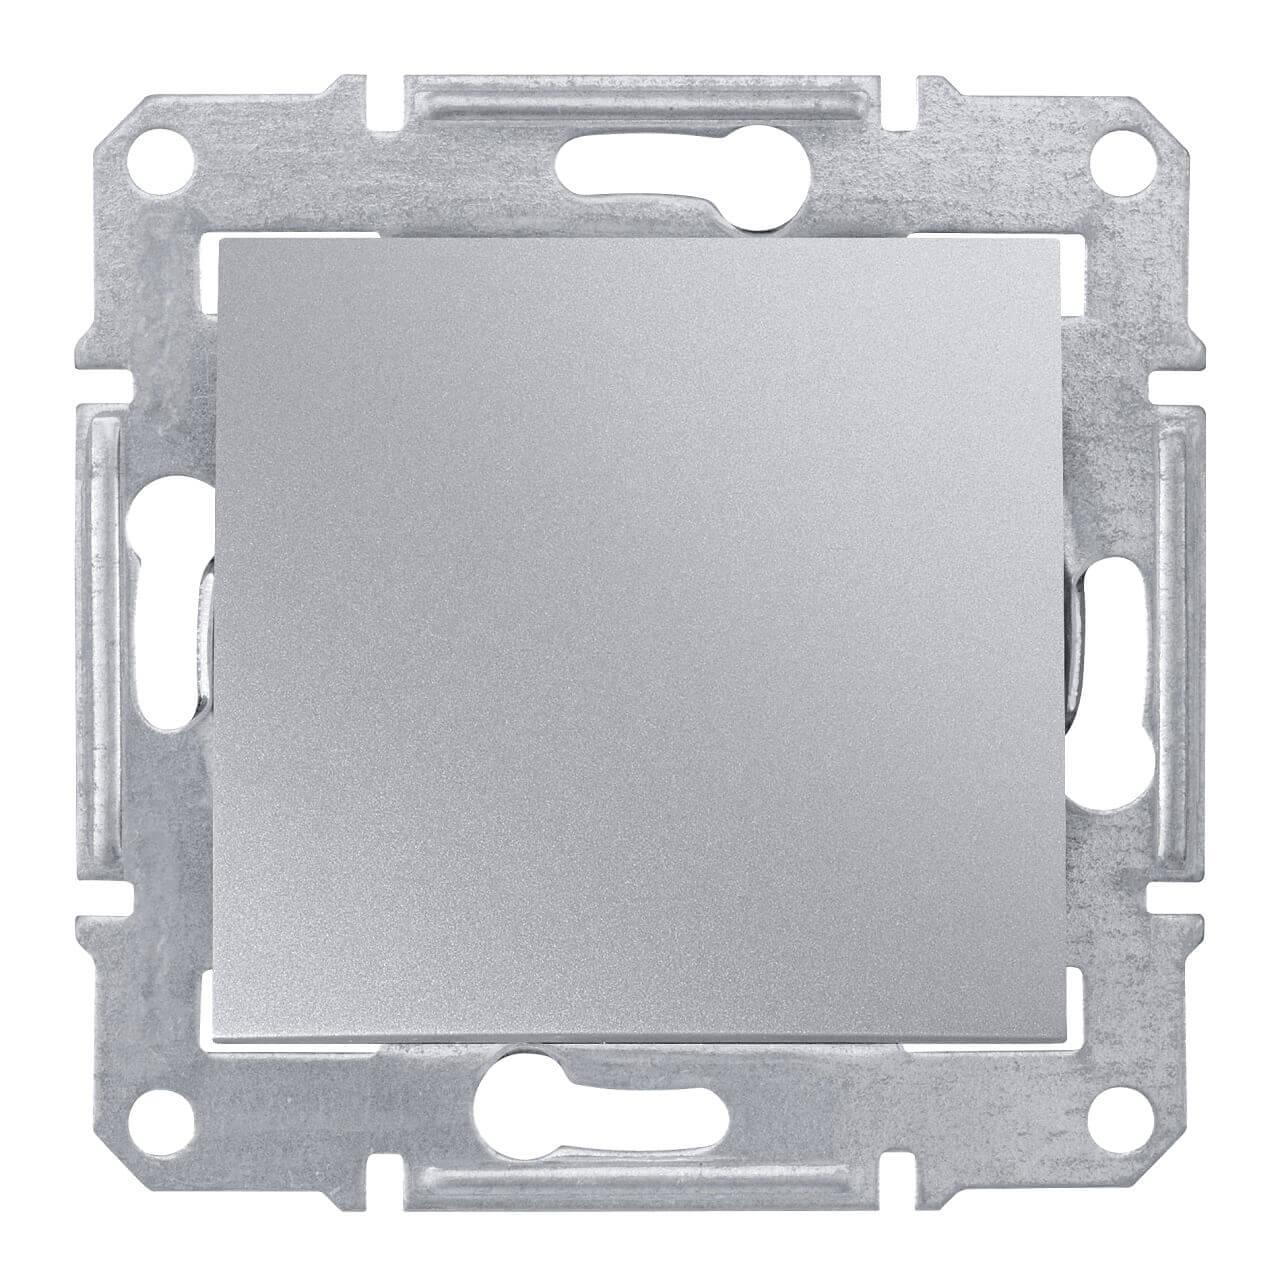 Выключатель Schneider Electric SDN0400160 Sedna переключатель одноклавишный schneider electric sedna 10a 250v sdn0400170